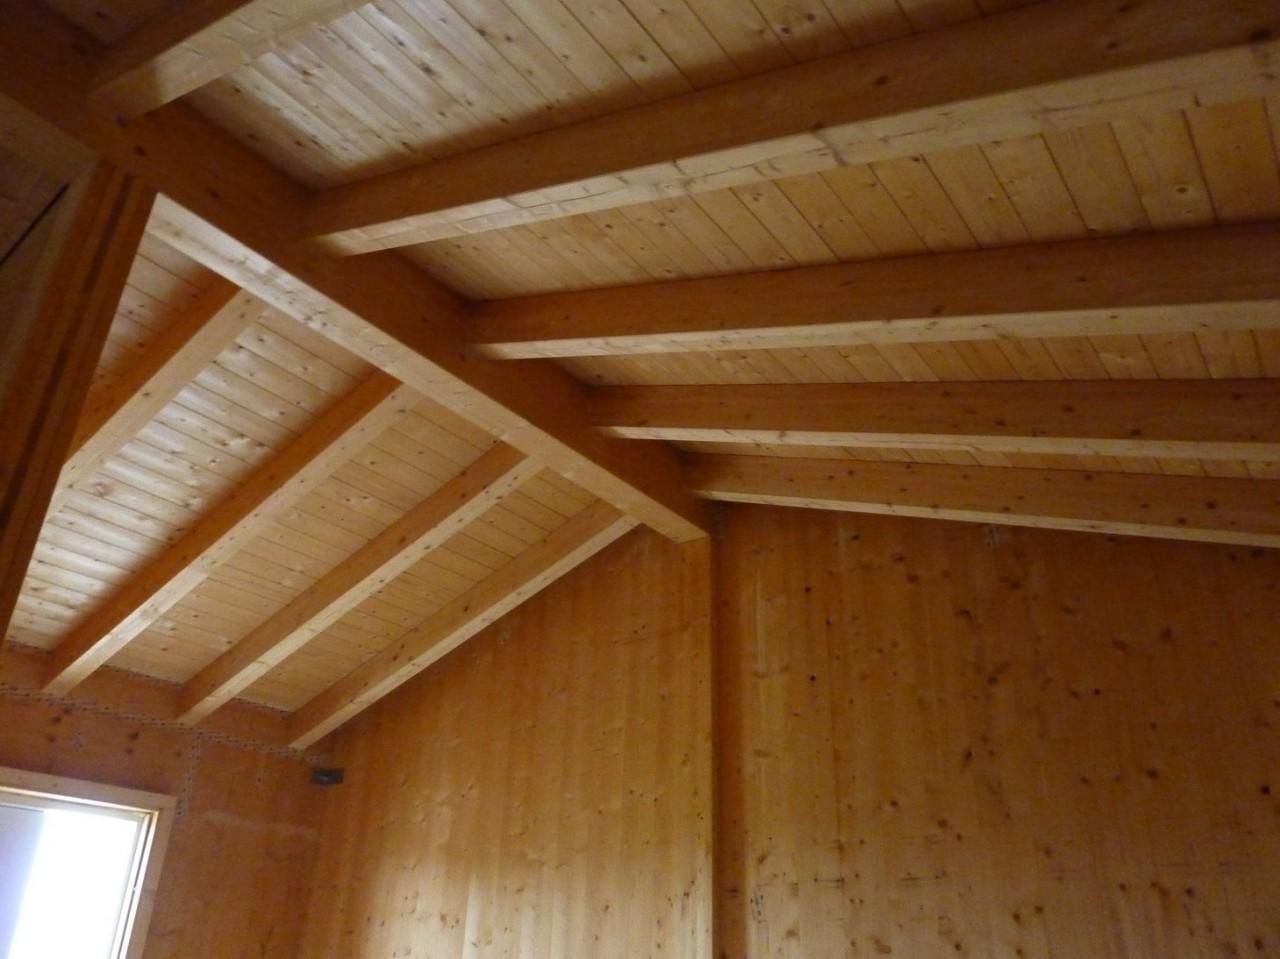 Bifamiliare 3 camere - giardino 700 mq -  SANTANDRA' DI POVEGLIANO (TV)